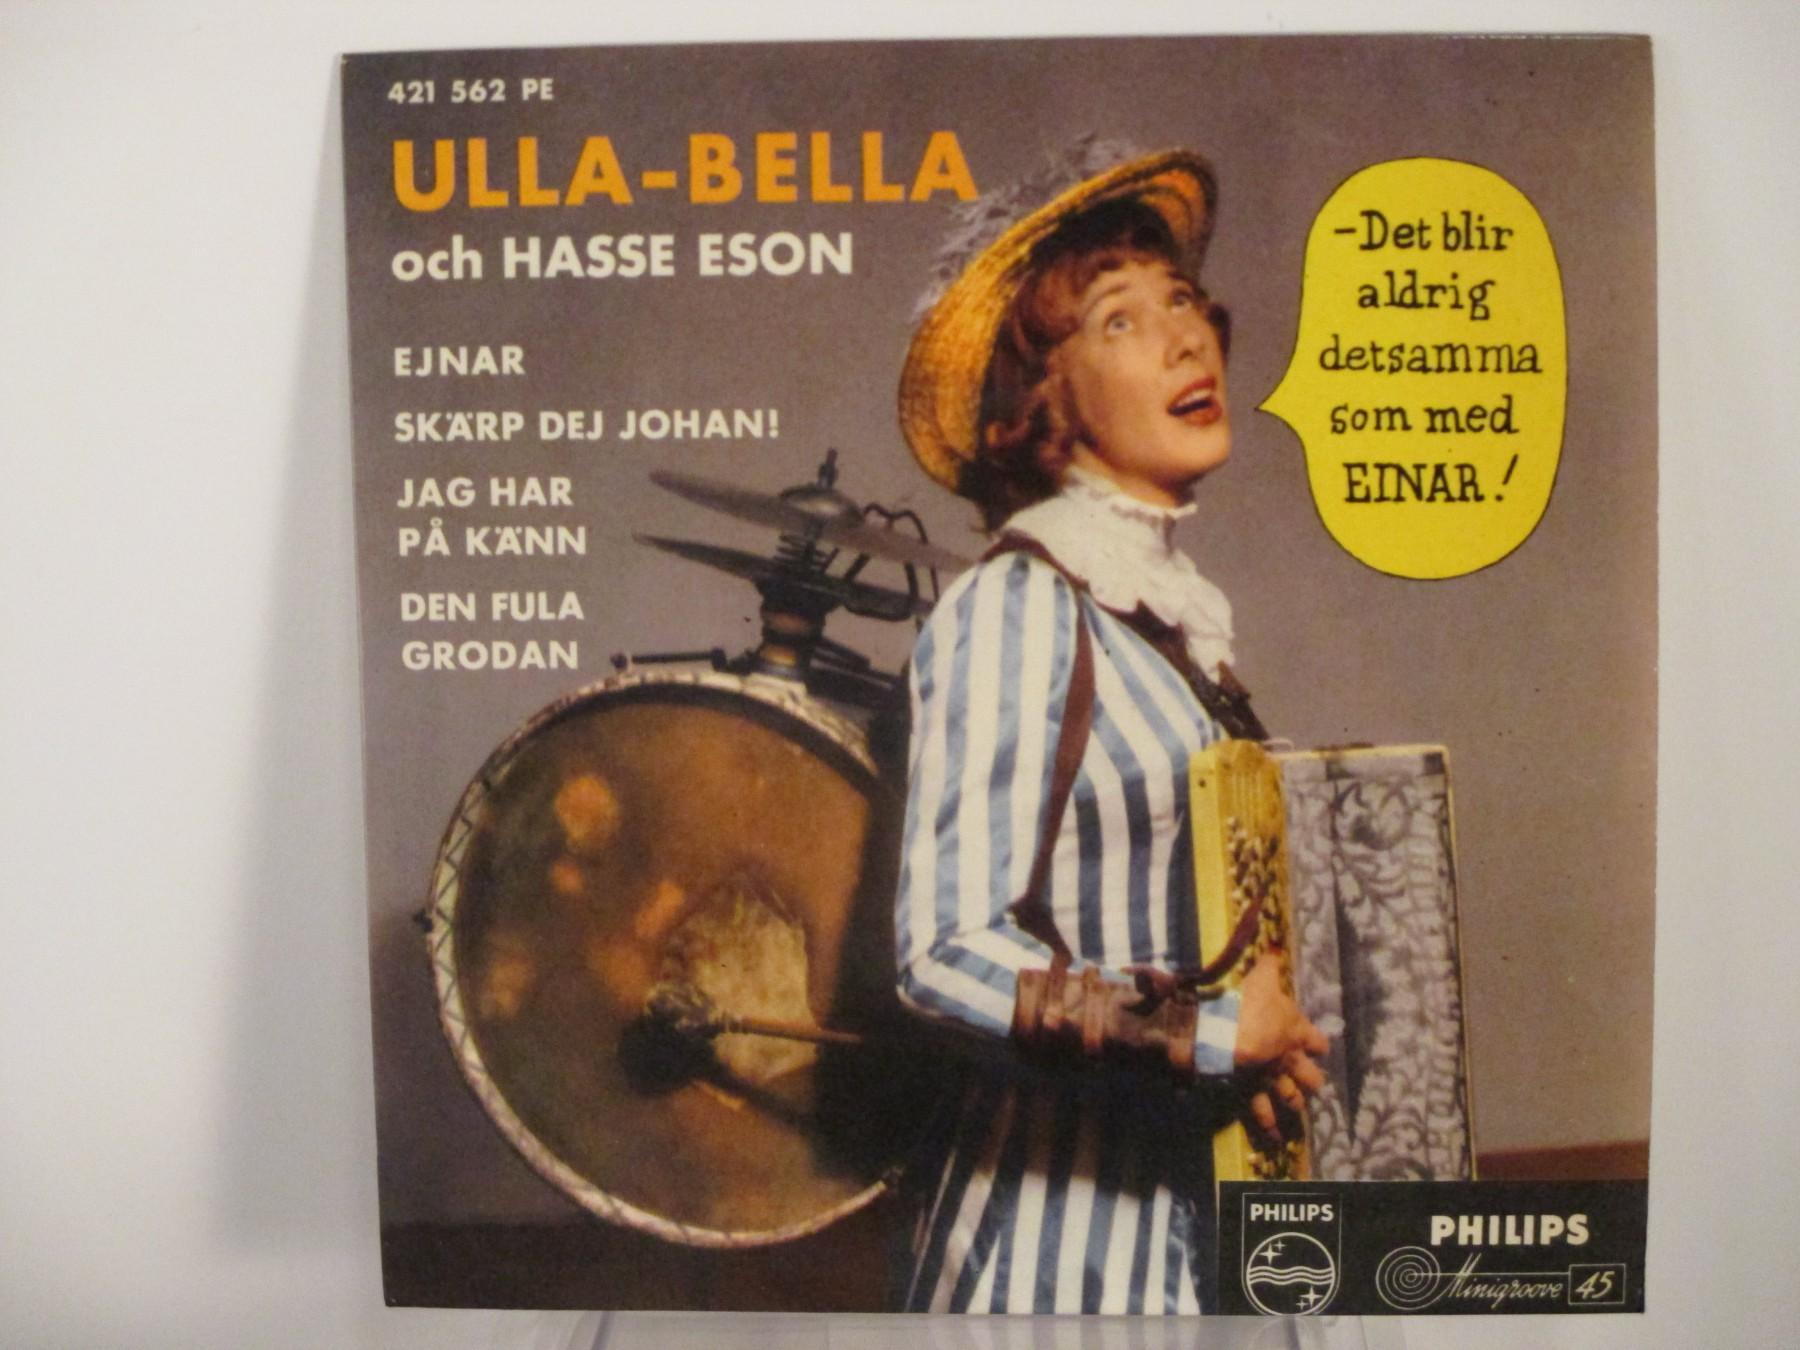 Ulla-Bella - Ejnar